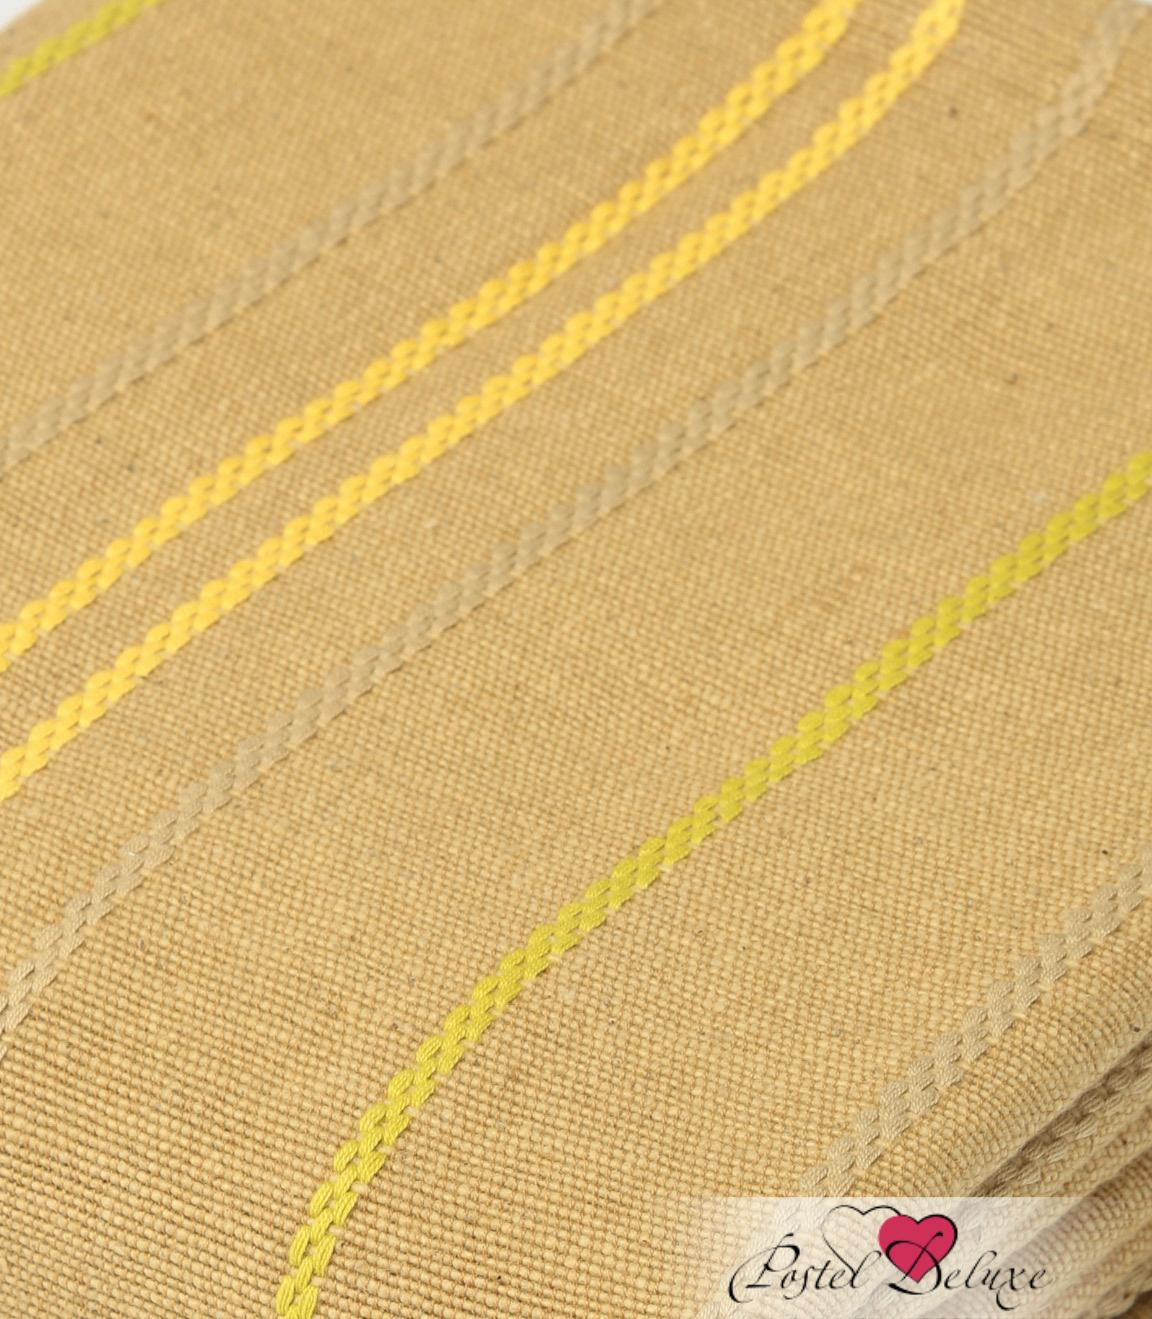 Покрывало Arloni Покрывало Стокгольм Цвет: Медовый (200х240 см) покрывало arloni пасифик цвет бисквит 200 х 240 см